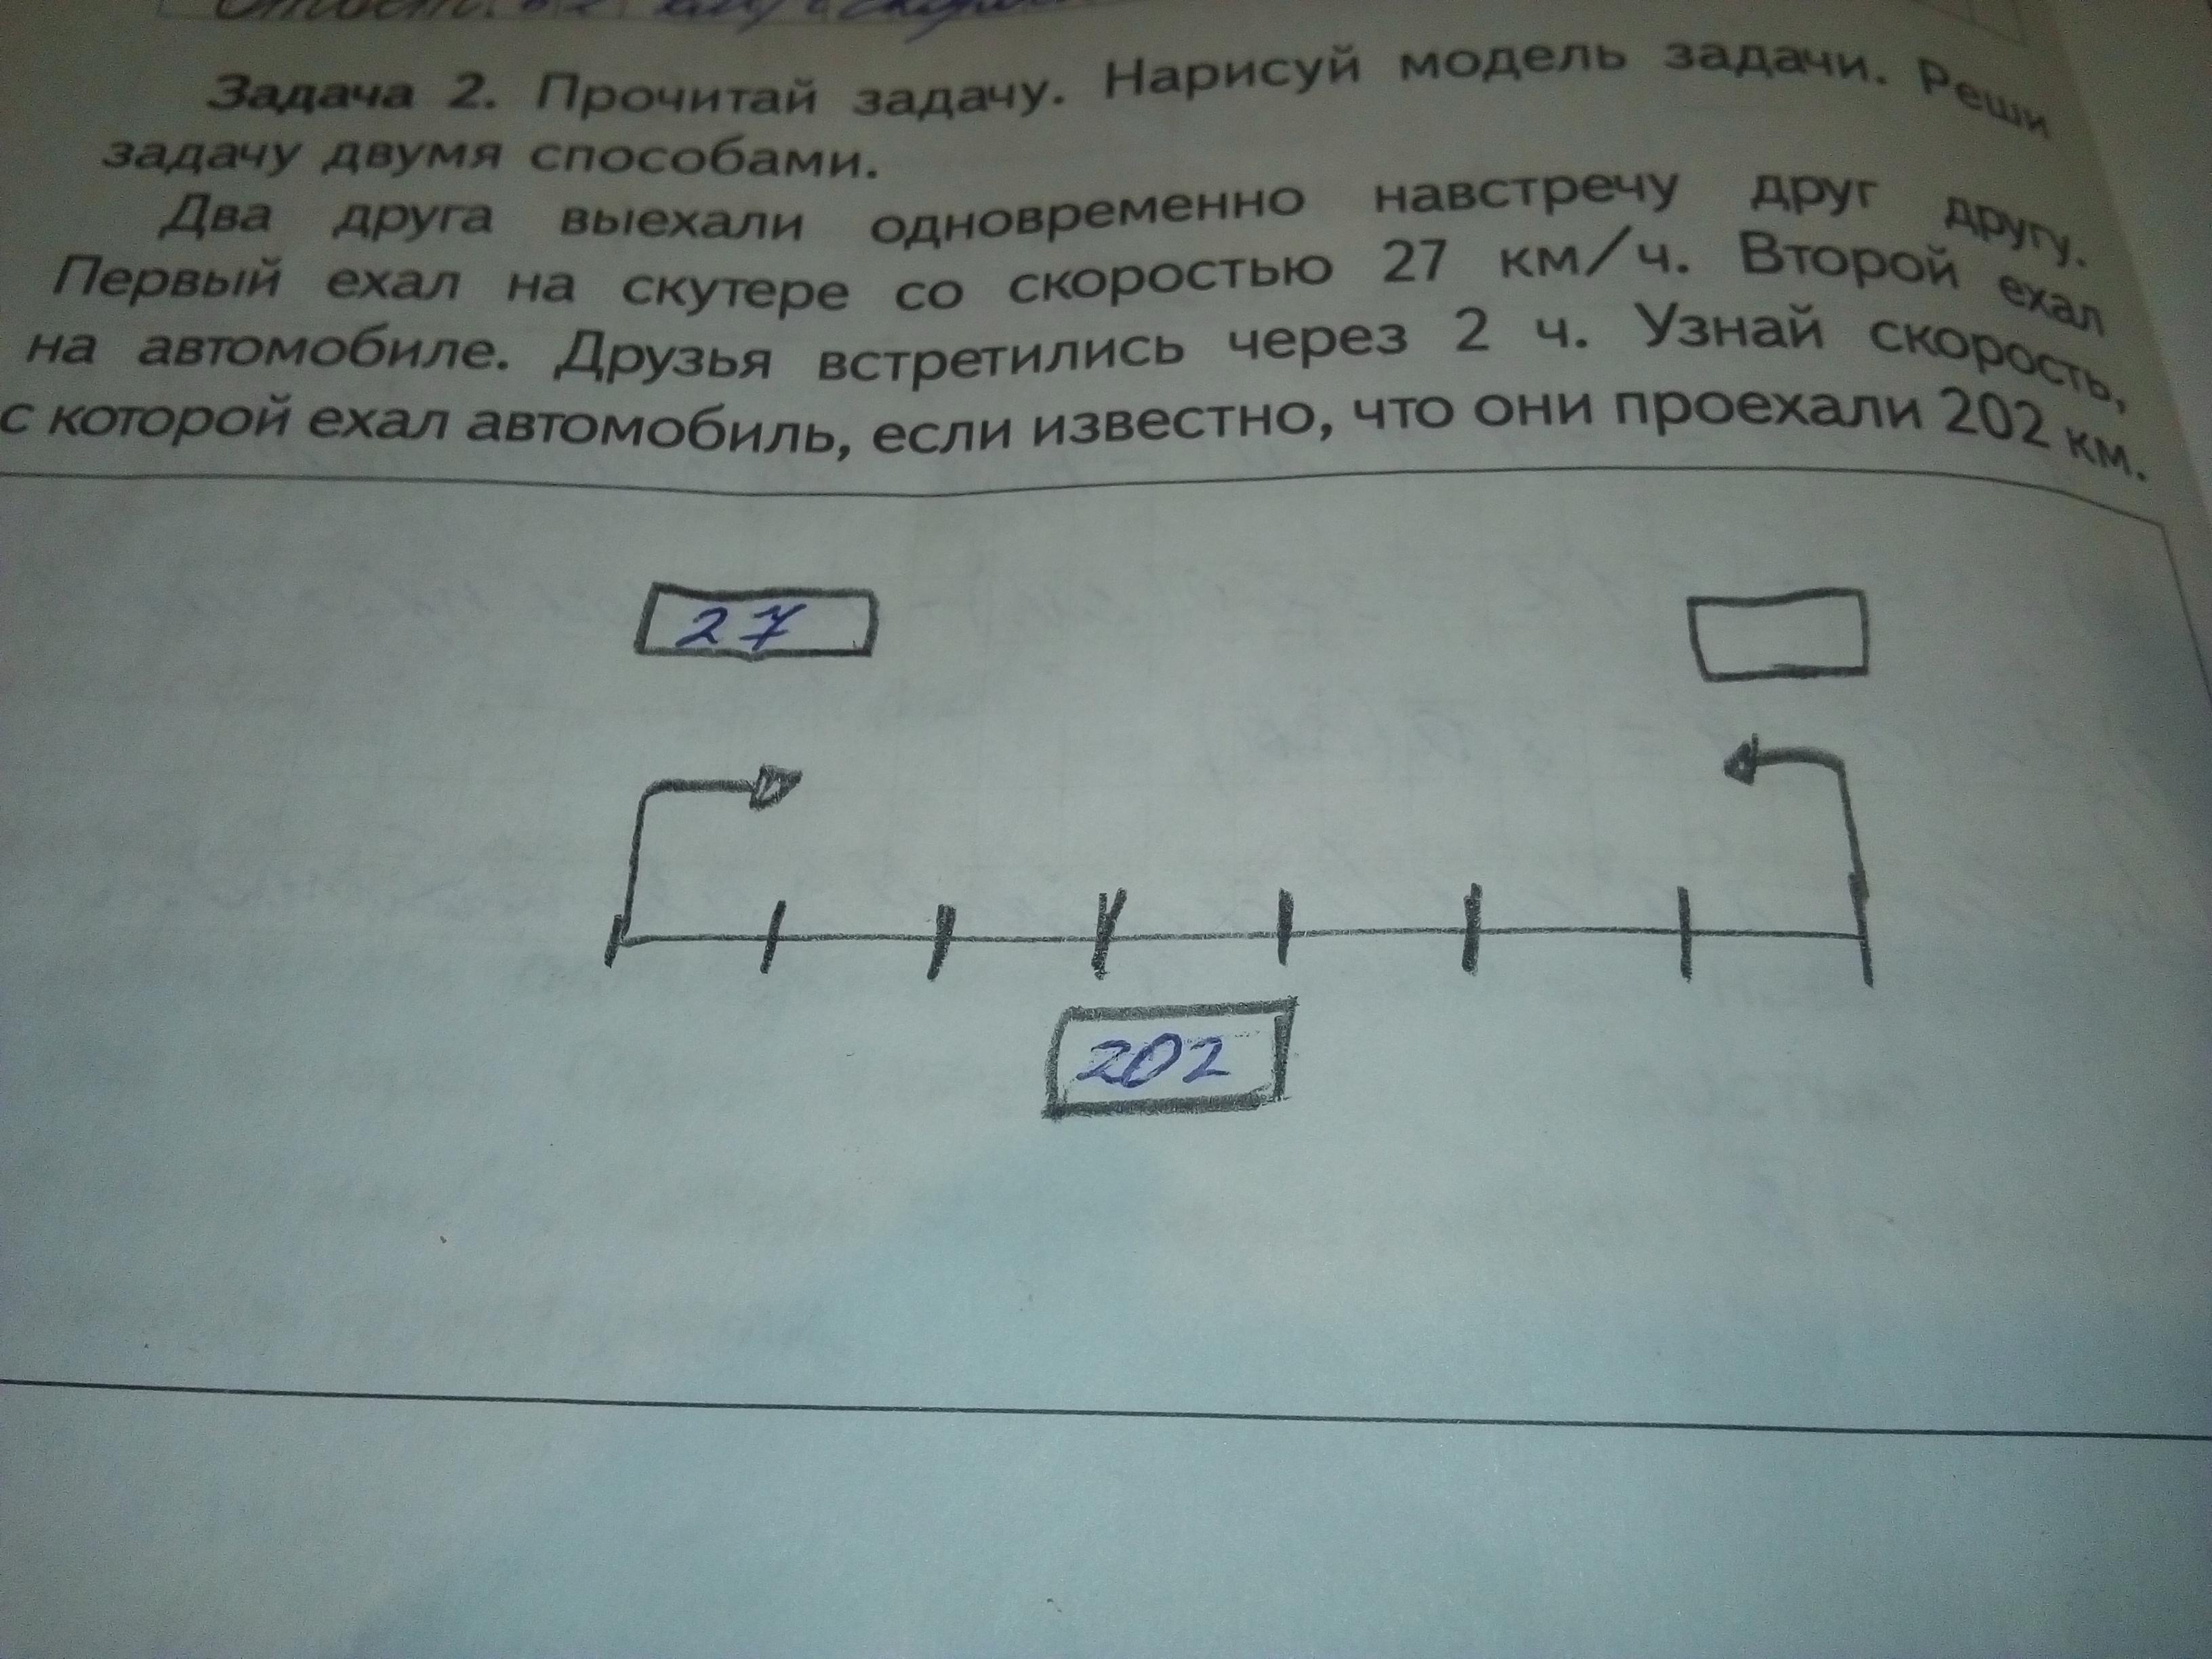 Решить задачу по математикн решение сборника задач по мат анализу